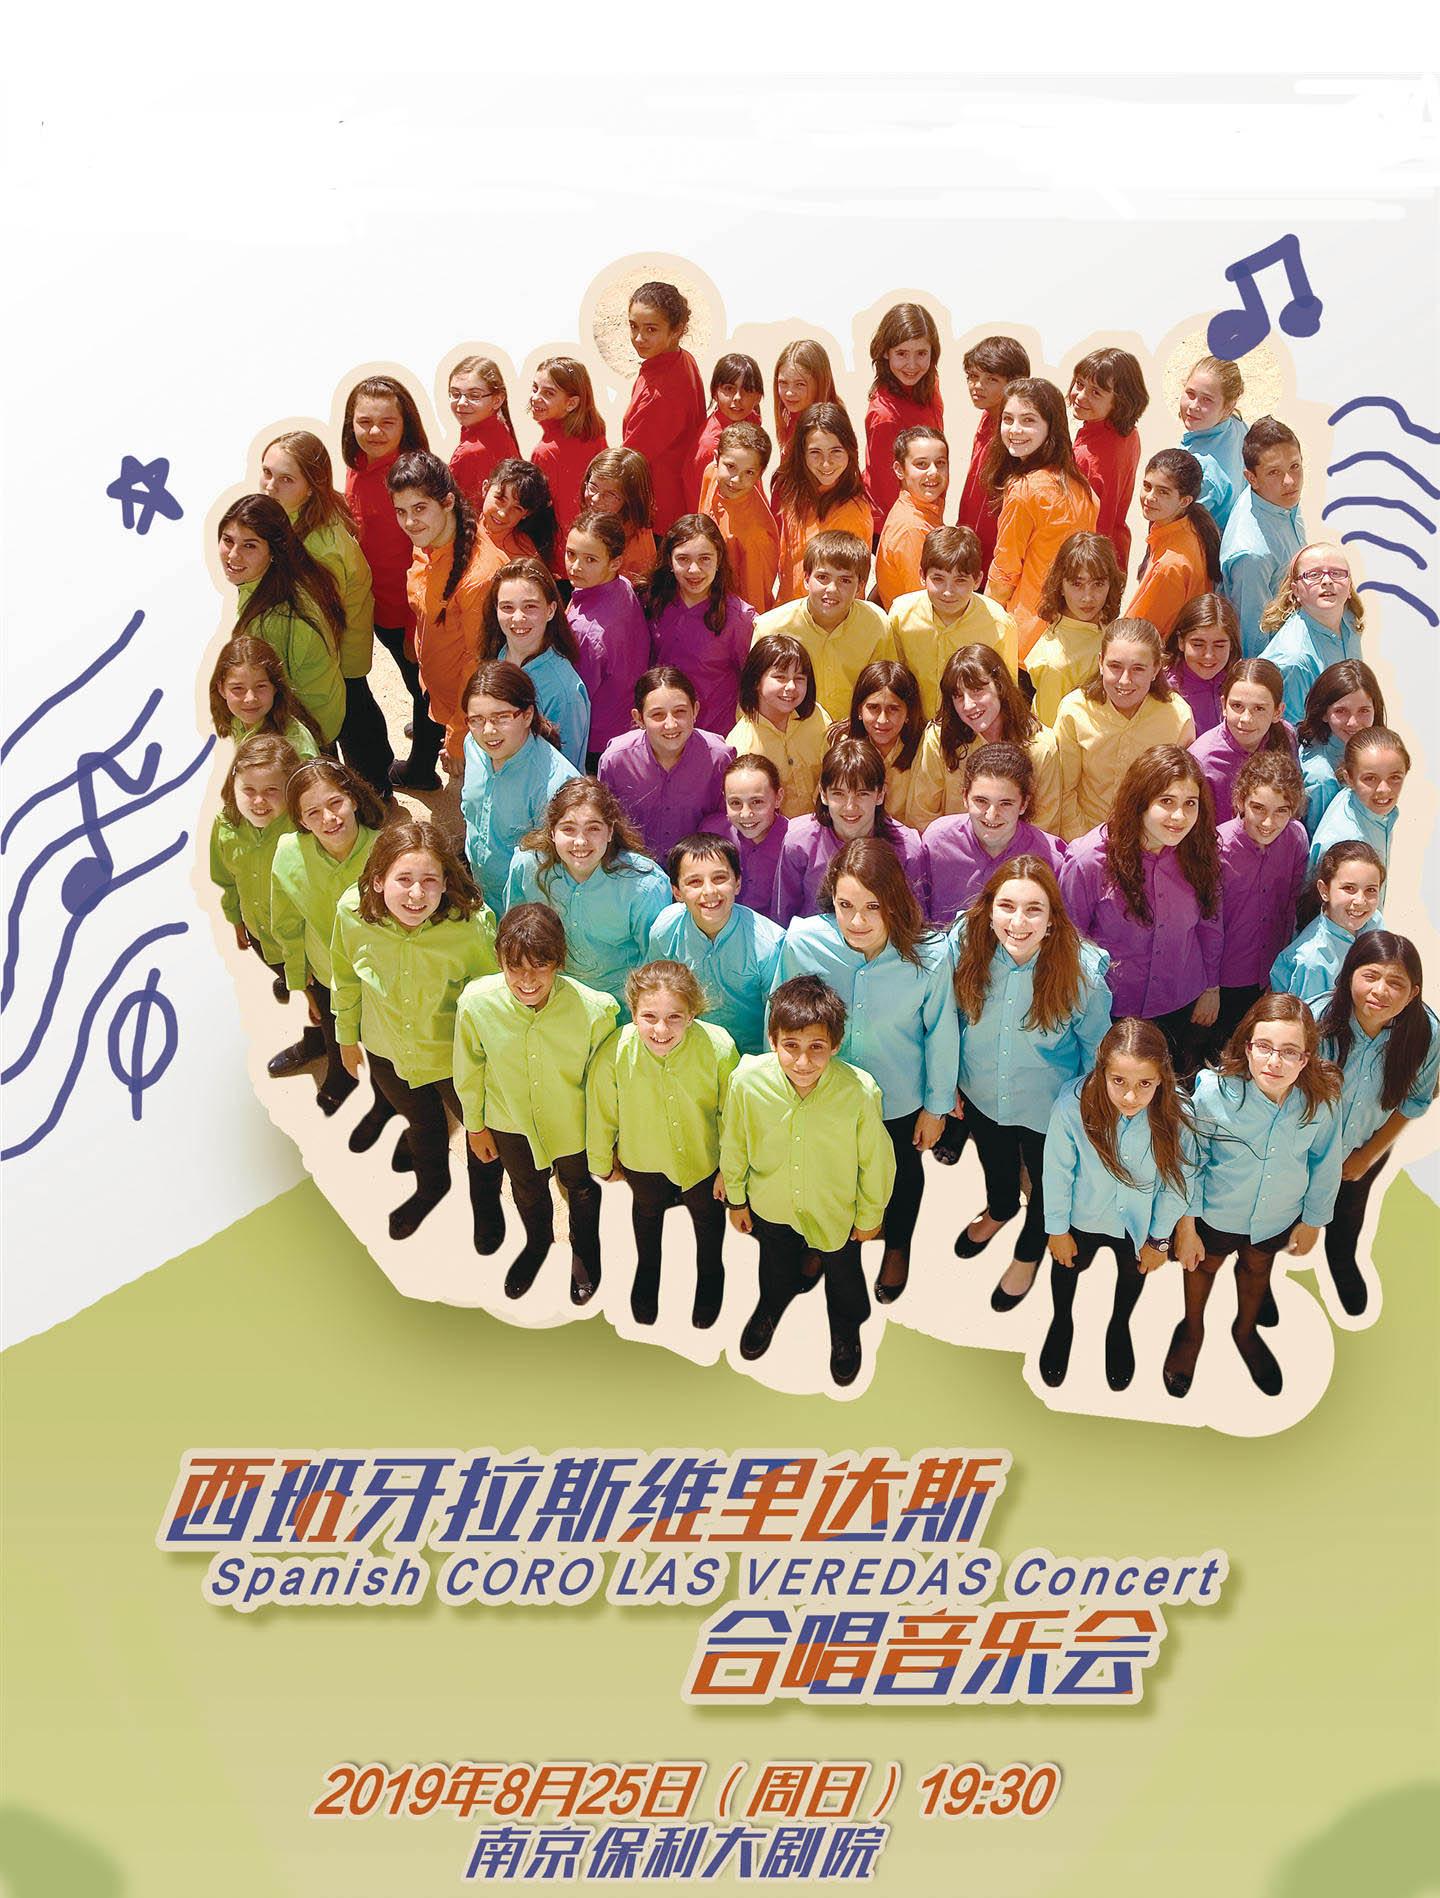 西班牙拉斯维里达斯合唱团音乐会南京站